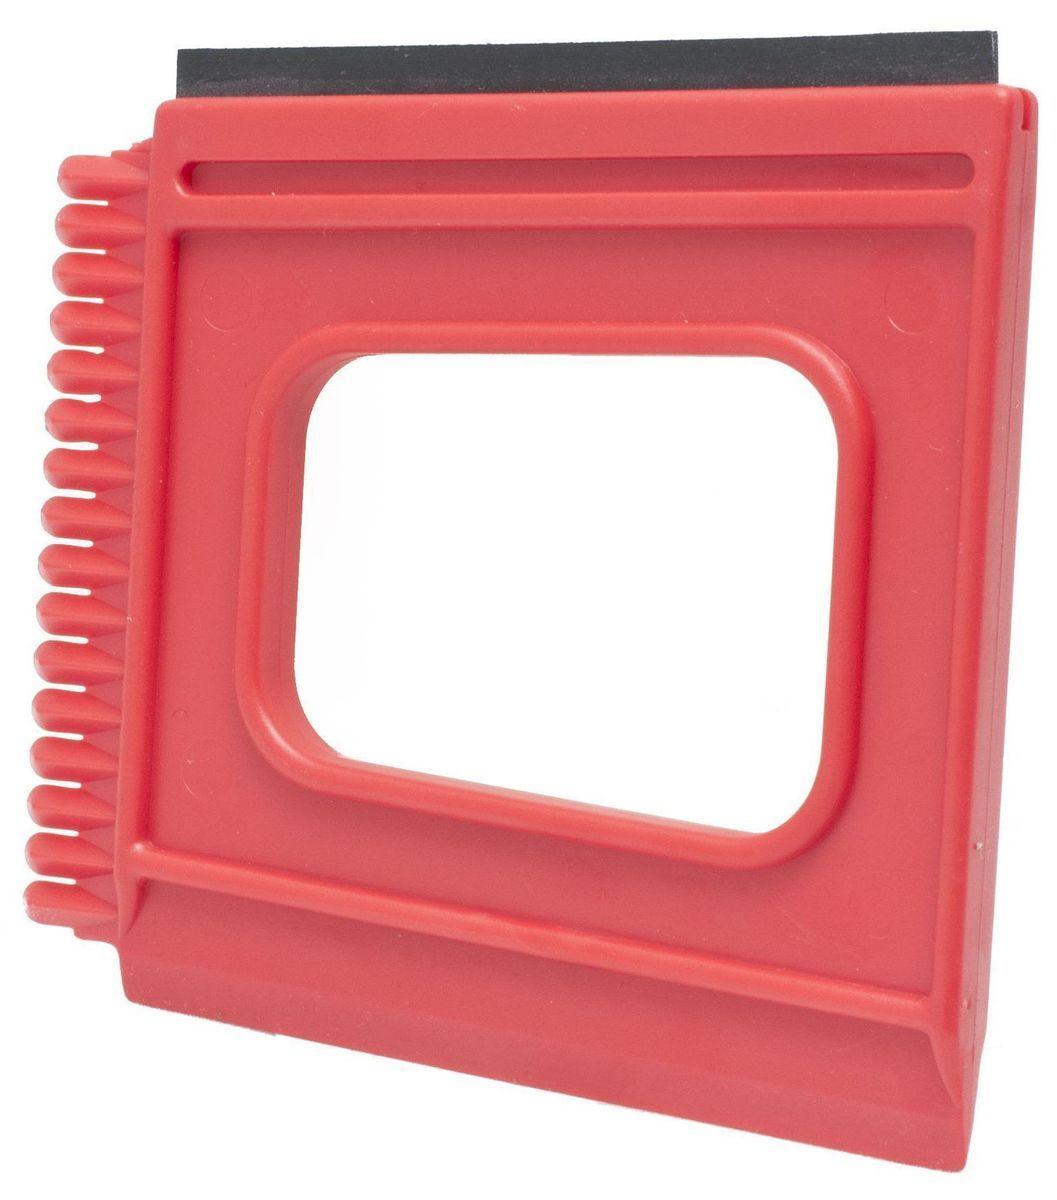 Скребок для льда Главдор GL-586, четырехстороннийEL-0105.01Компактный четырехсторонний скребок для удаления наледи с резиновым лезвием для сгона воды. Уважаемые клиенты! Обращаем ваше внимание на цветовой ассортимент товара. Поставка осуществляется в зависимости от наличия на складе.